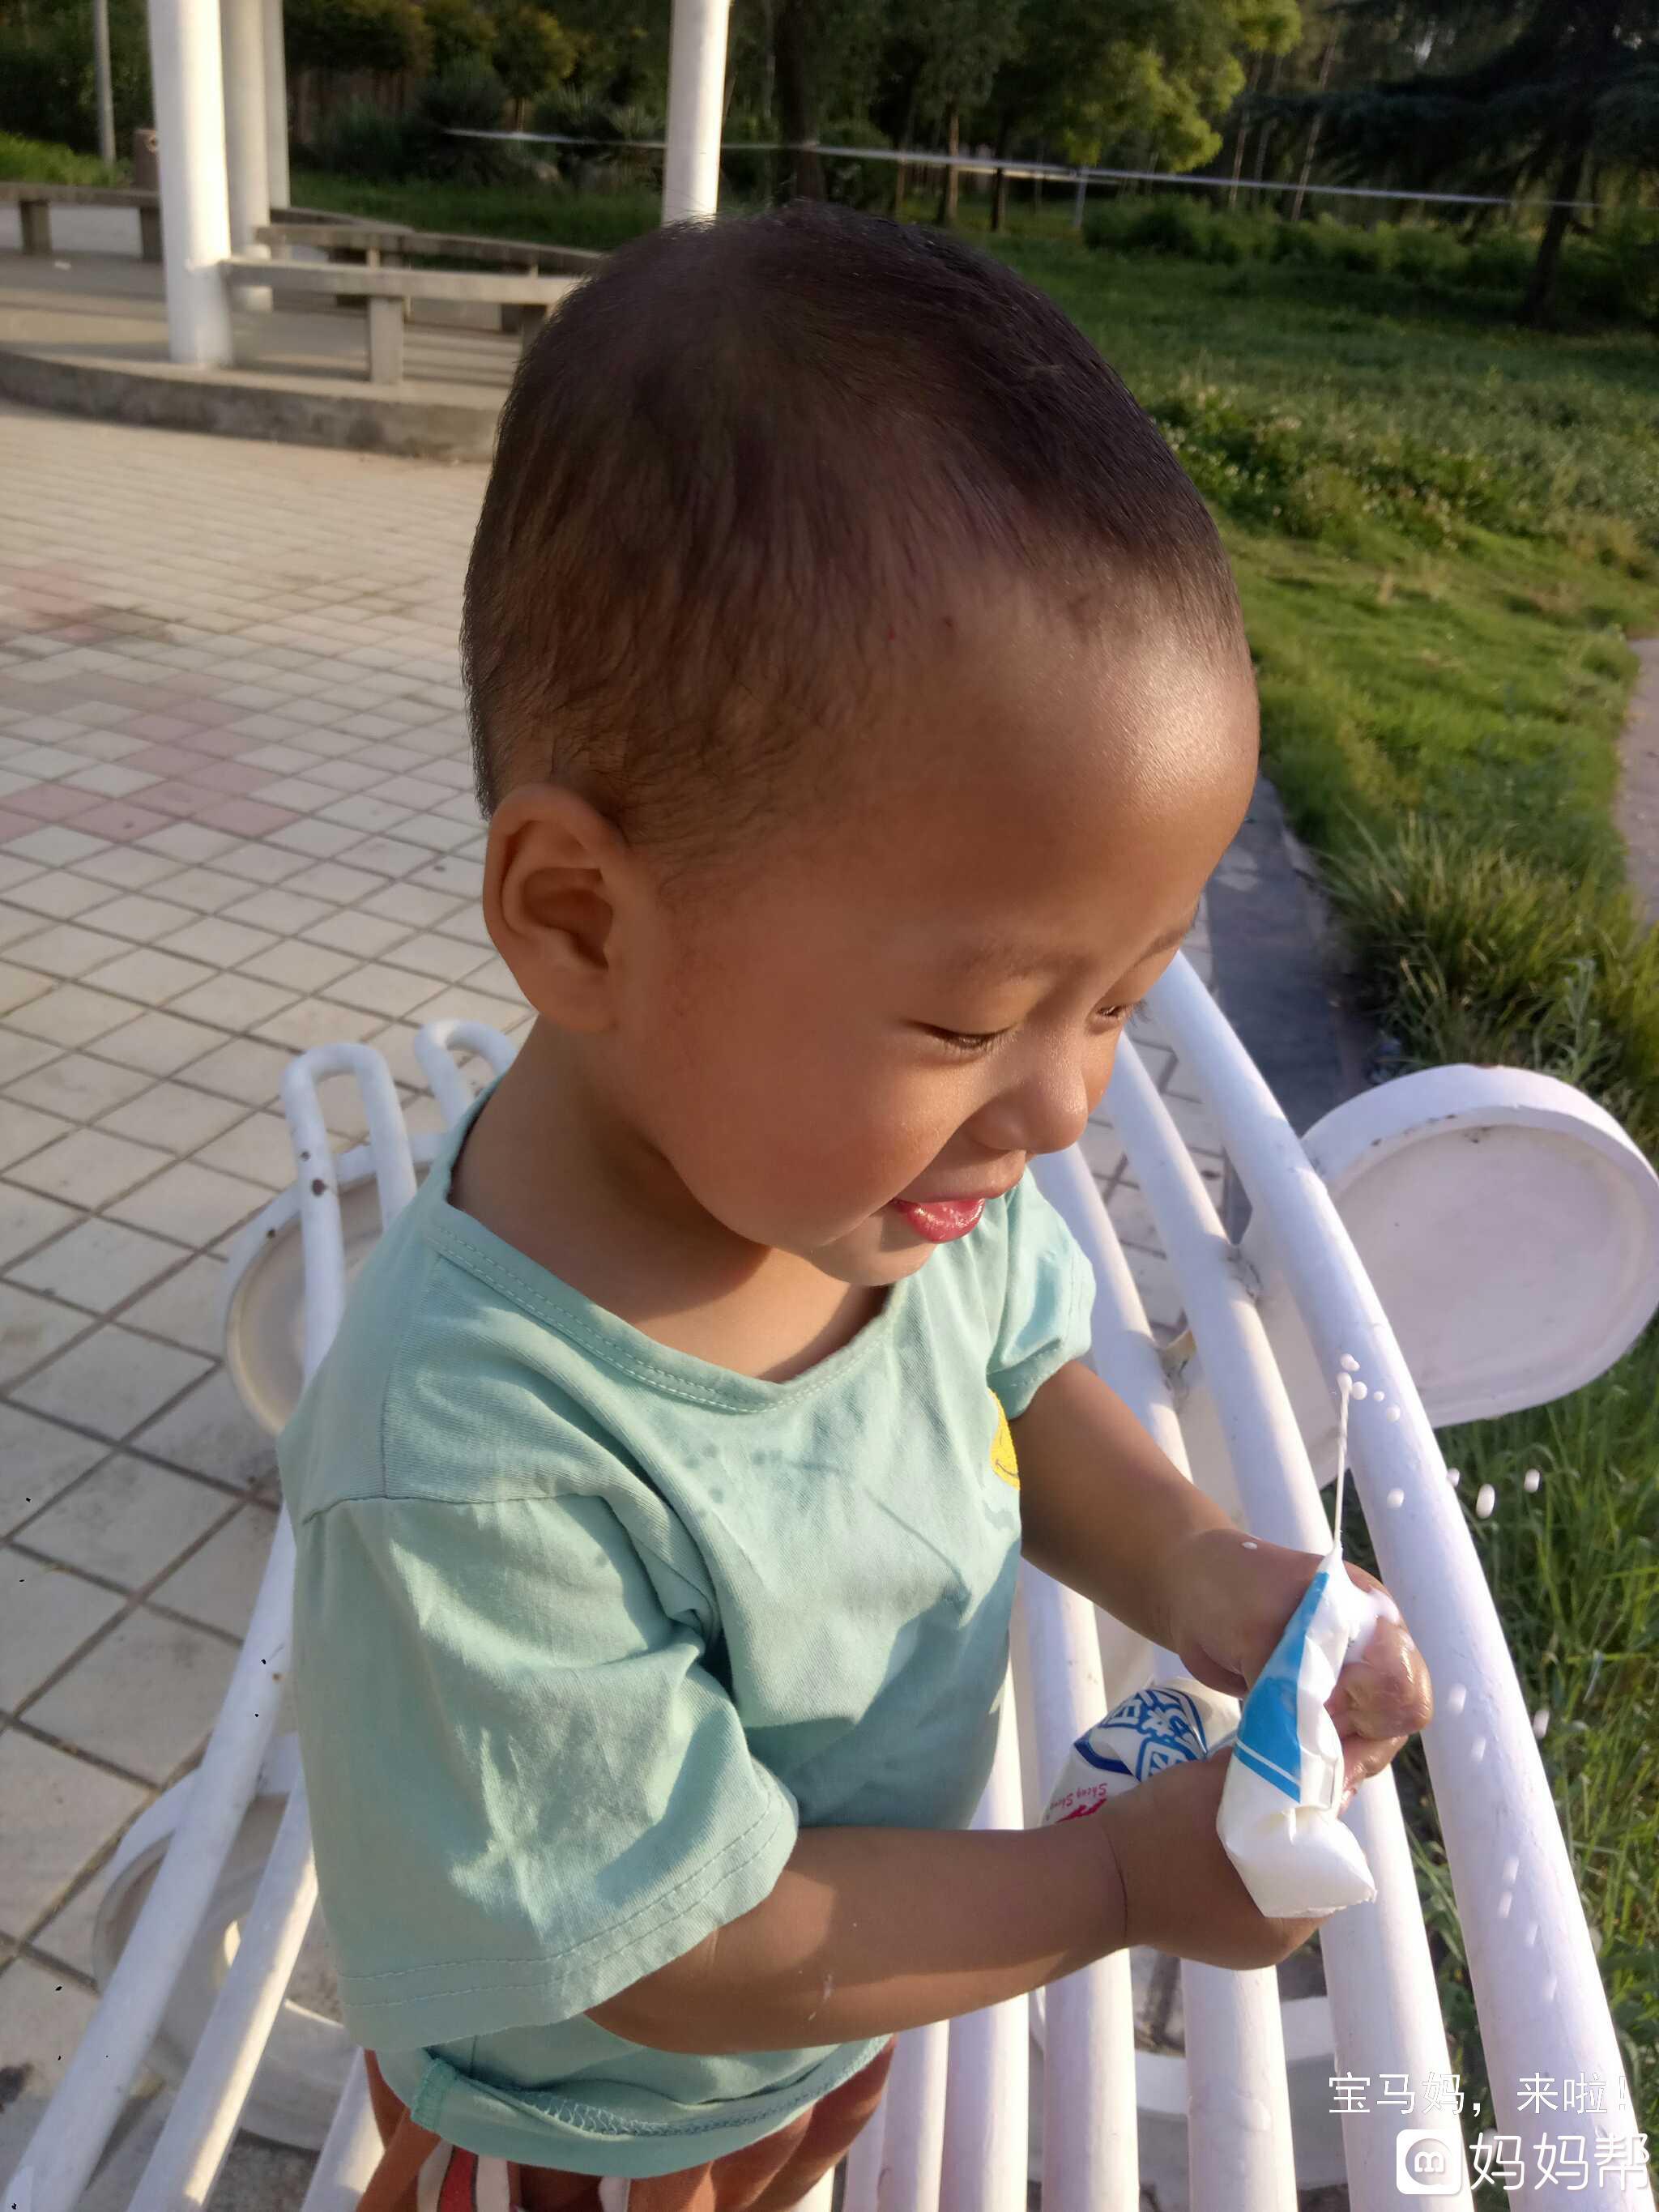 喝酸奶的样子好可爱